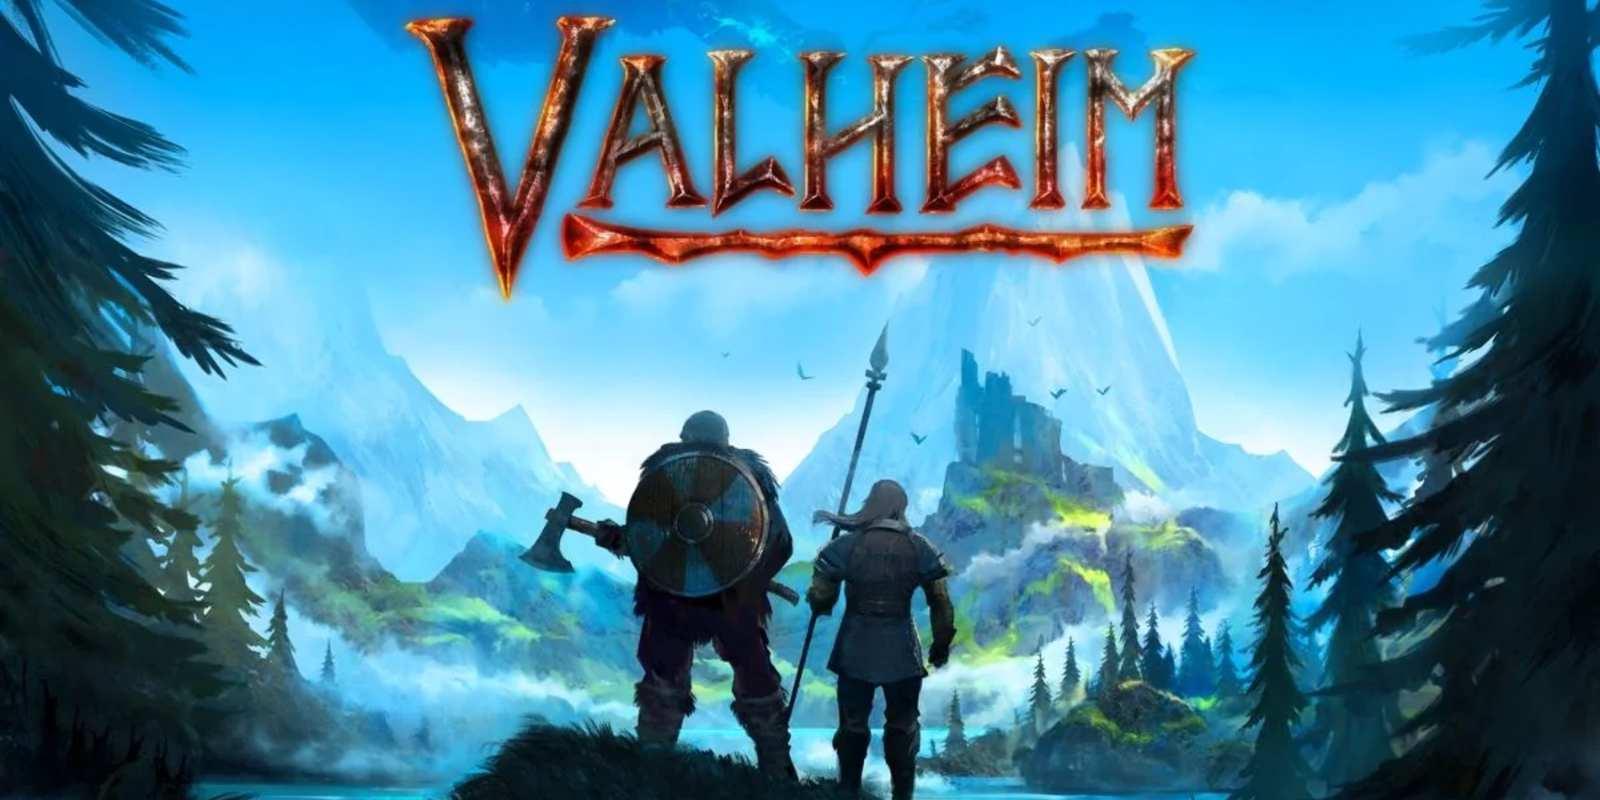 Valheim 5 juta kopi